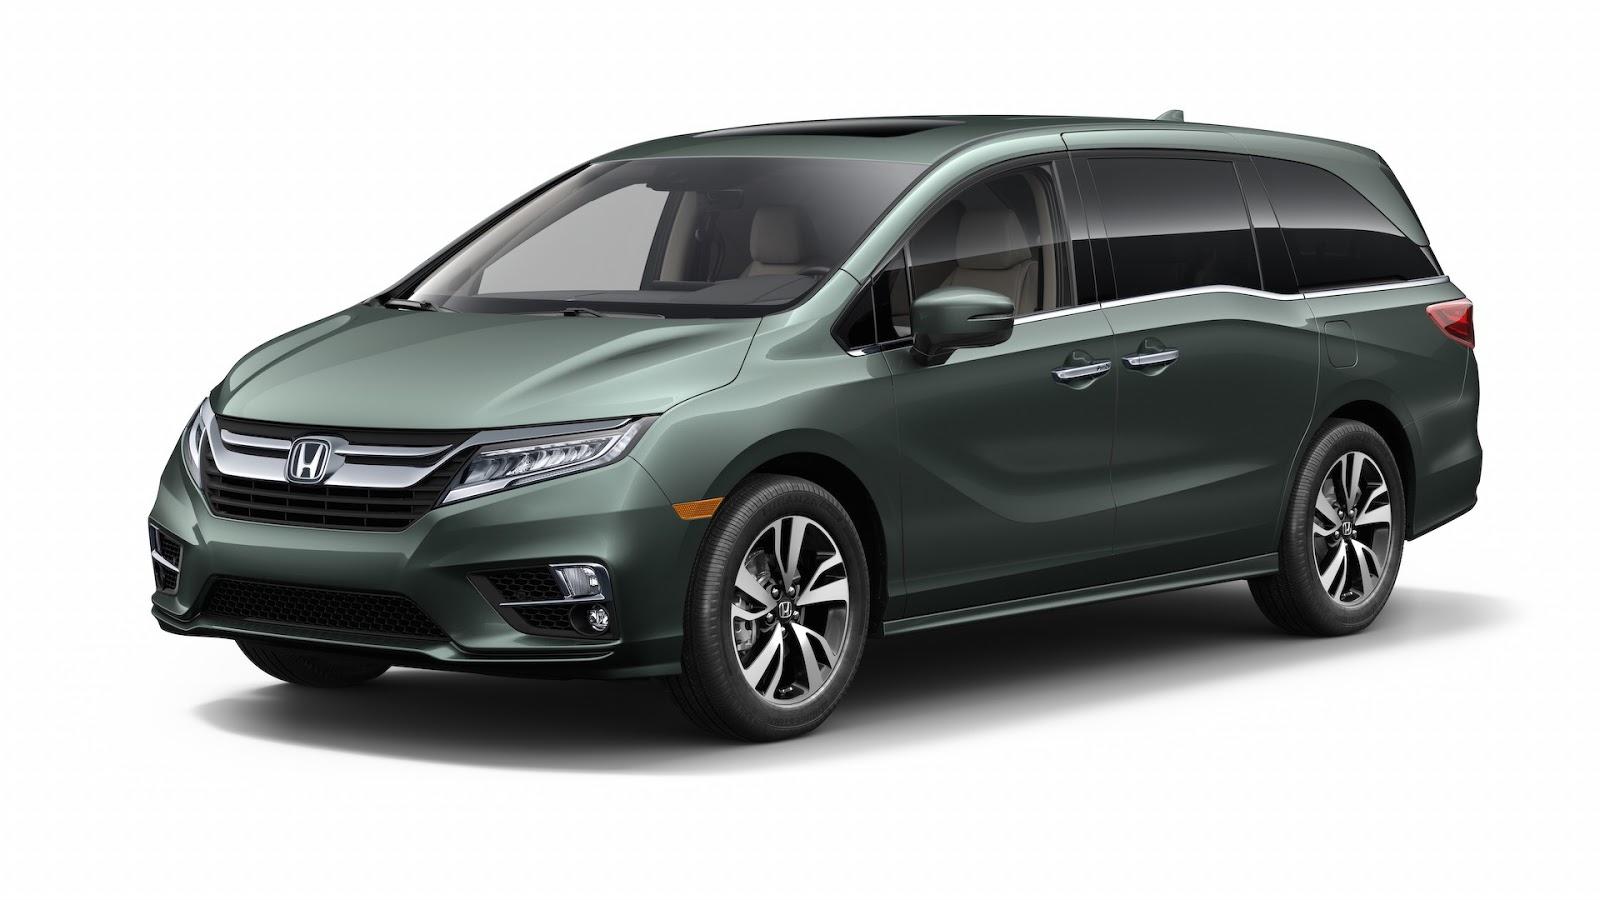 Honda Odyssey 2018 thêm tính năng dành riêng cho gia đình - ảnh 1